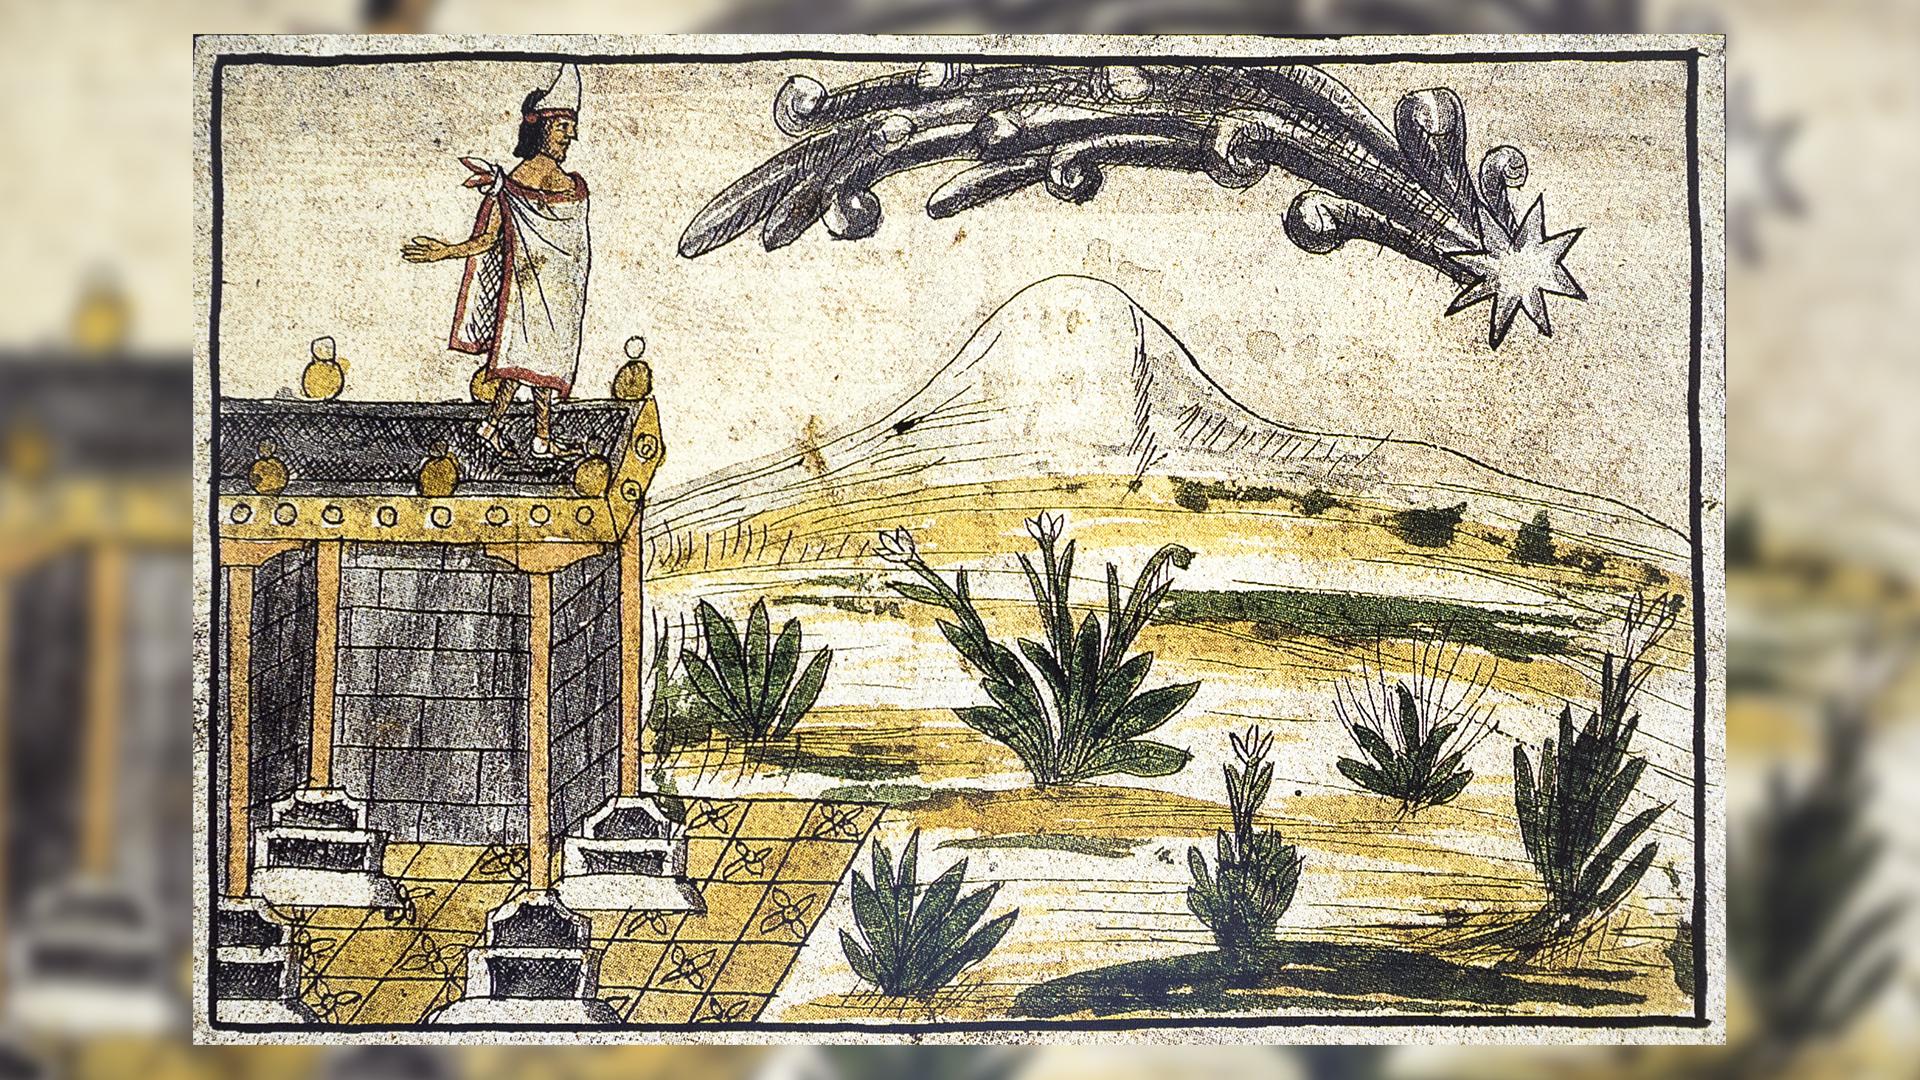 imagen de la Conquista Española